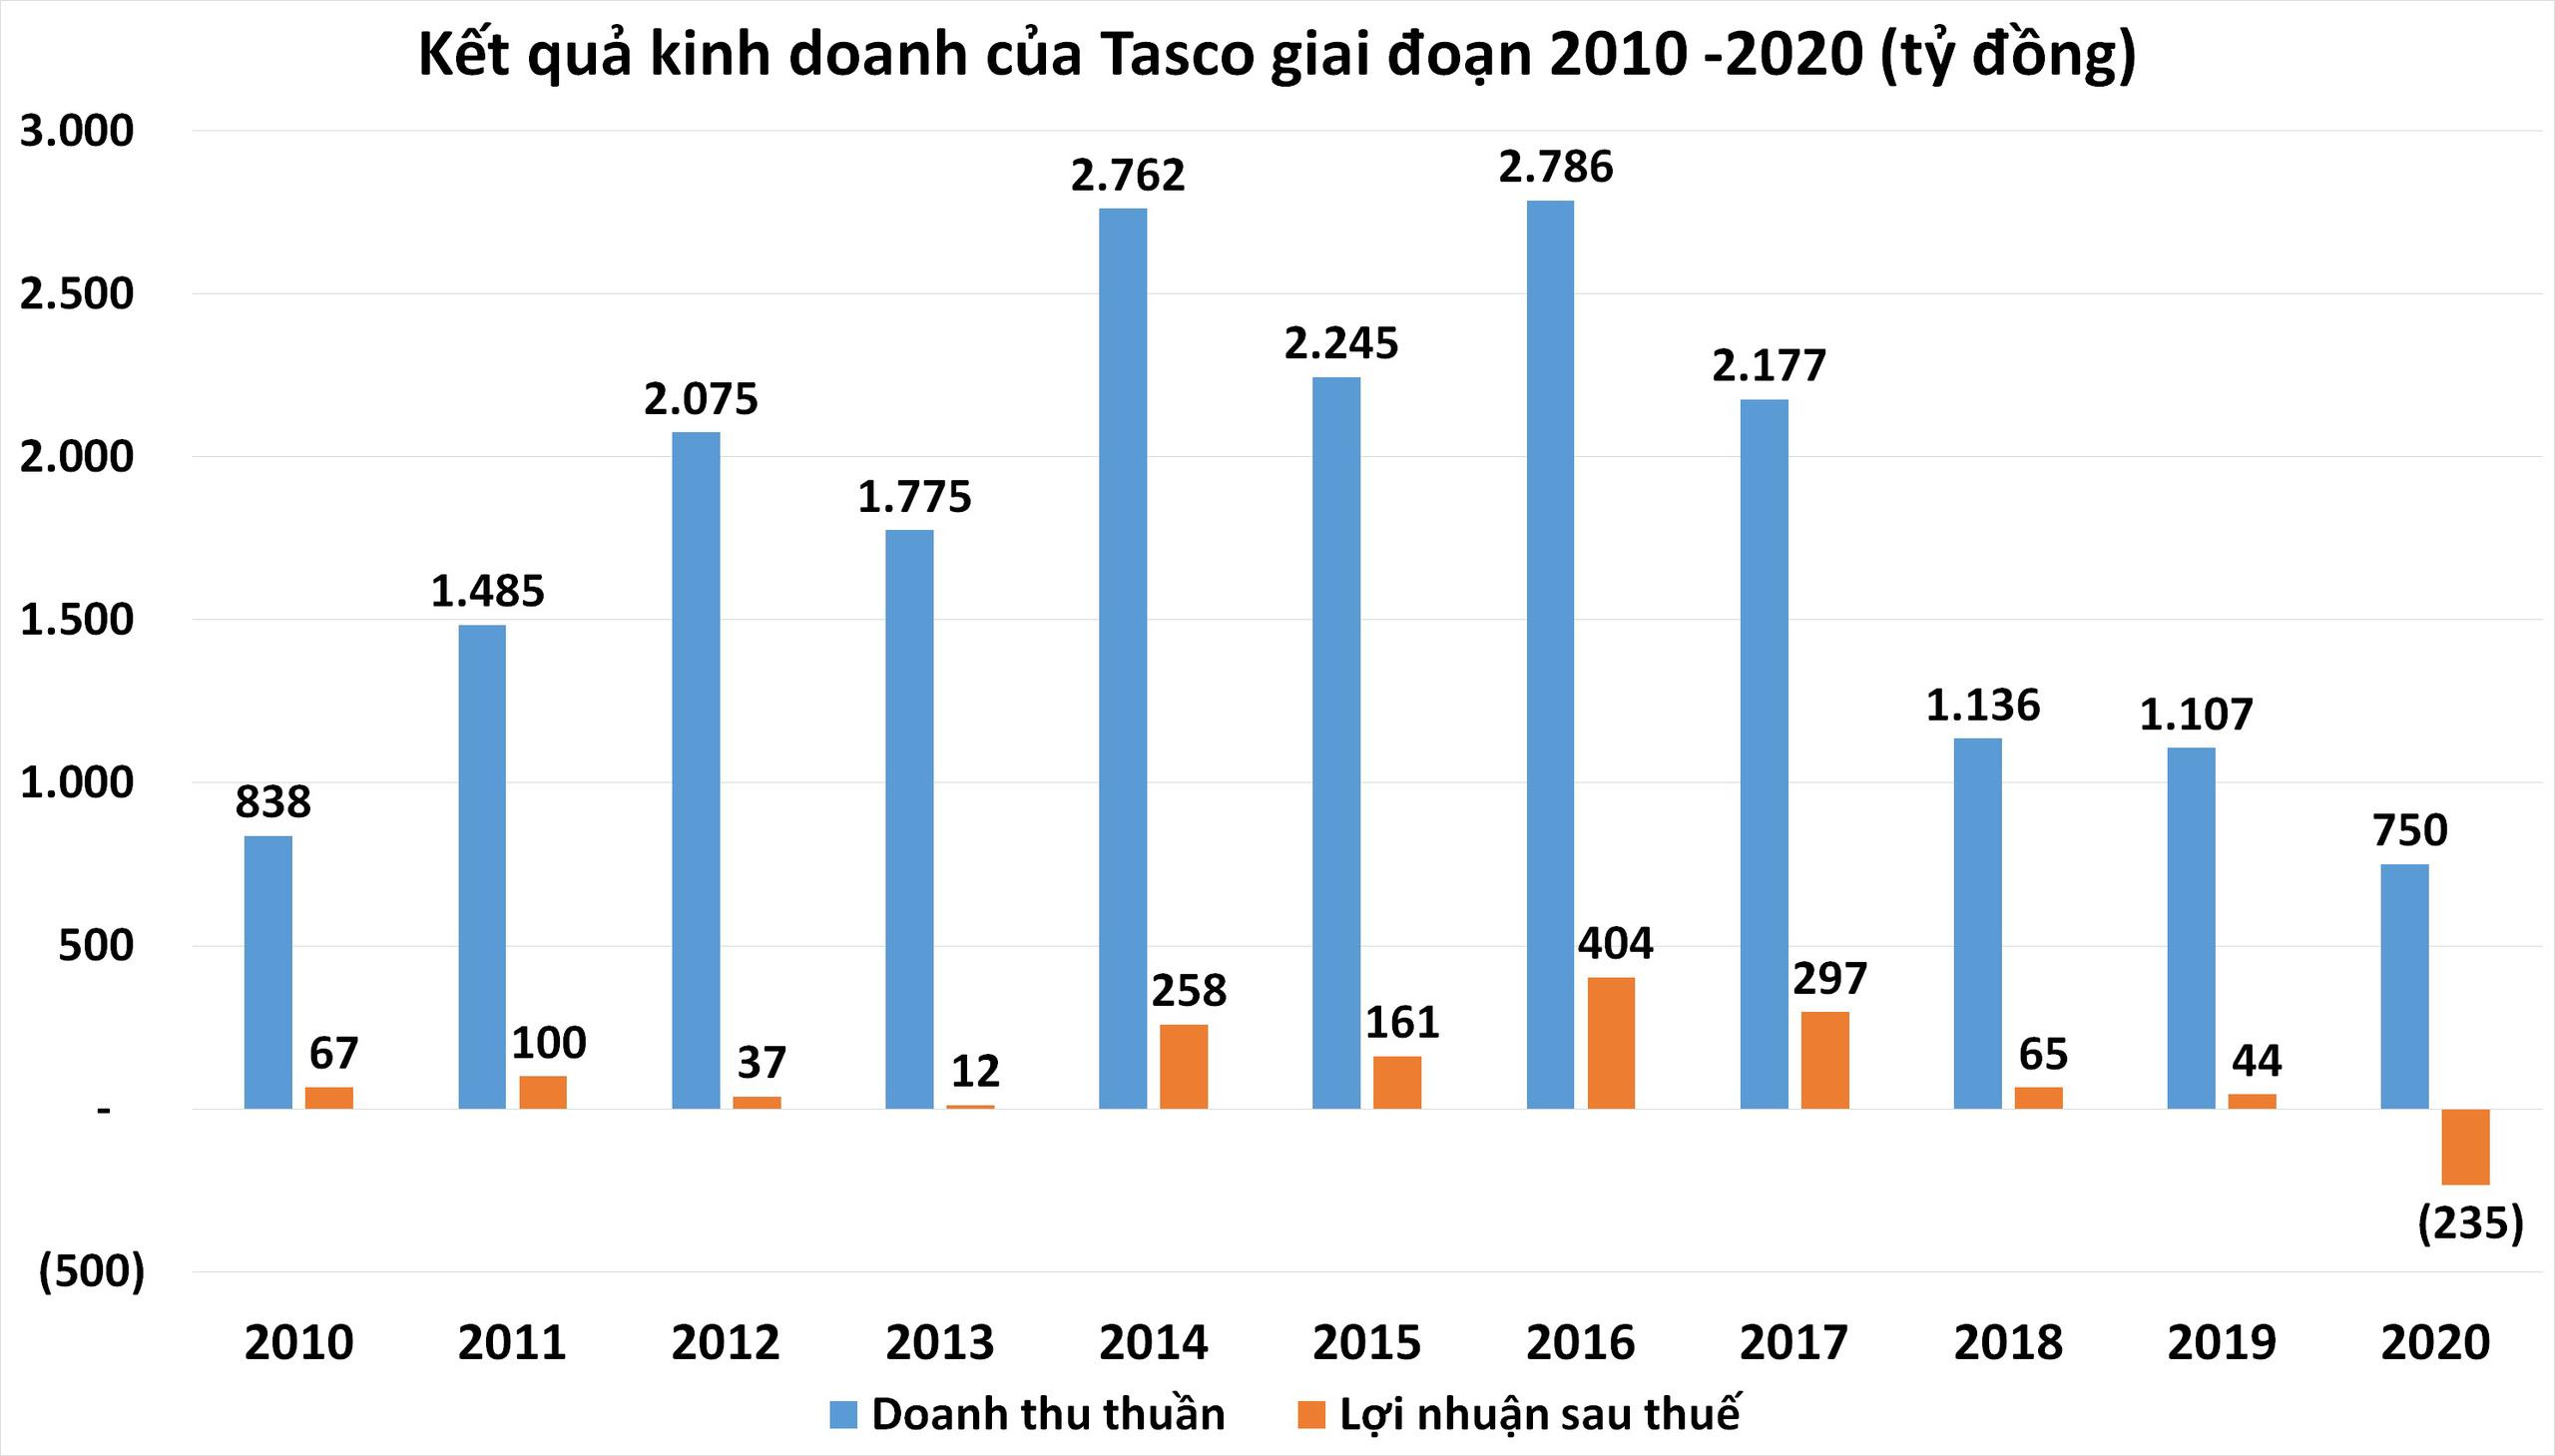 Tasco dự kiến đặt mục tiêu lỗ ròng cho 2021 sau nhiều khó khăn trong năm 2020 - Ảnh 1.